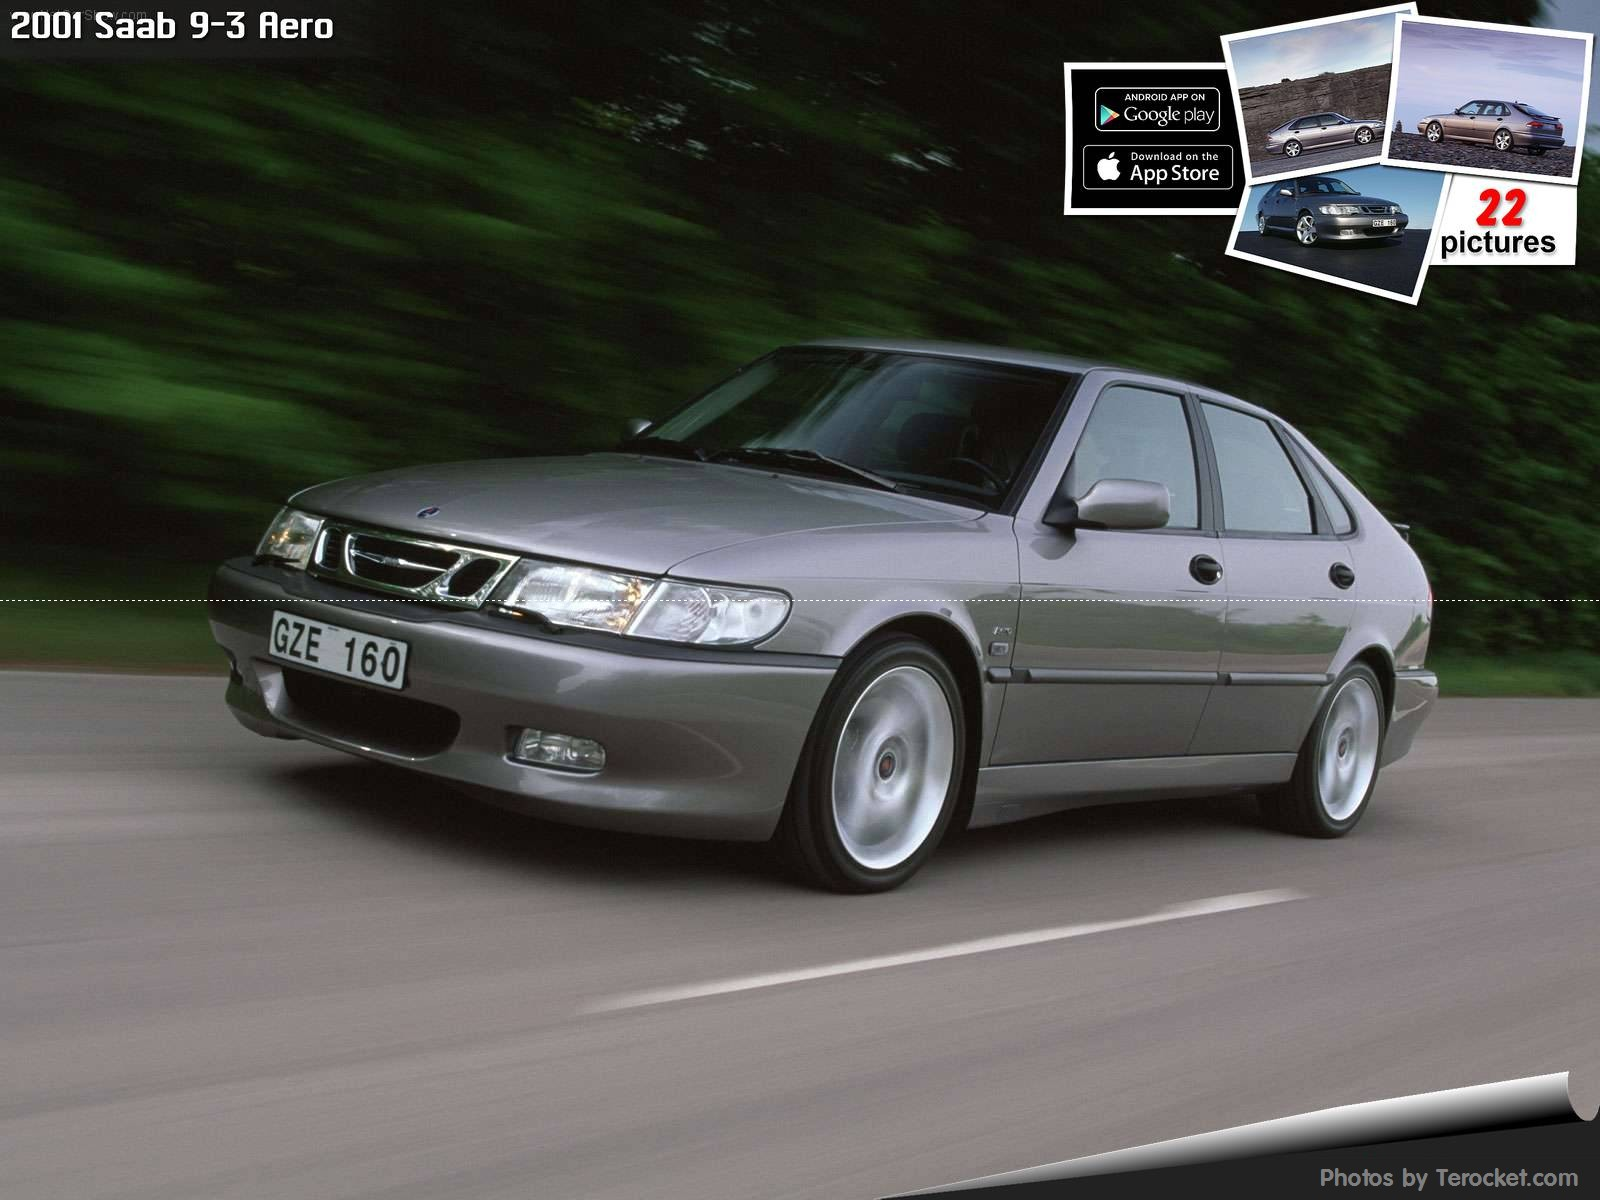 Hình ảnh xe ô tô Saab 9-3 Aero 2001 & nội ngoại thất